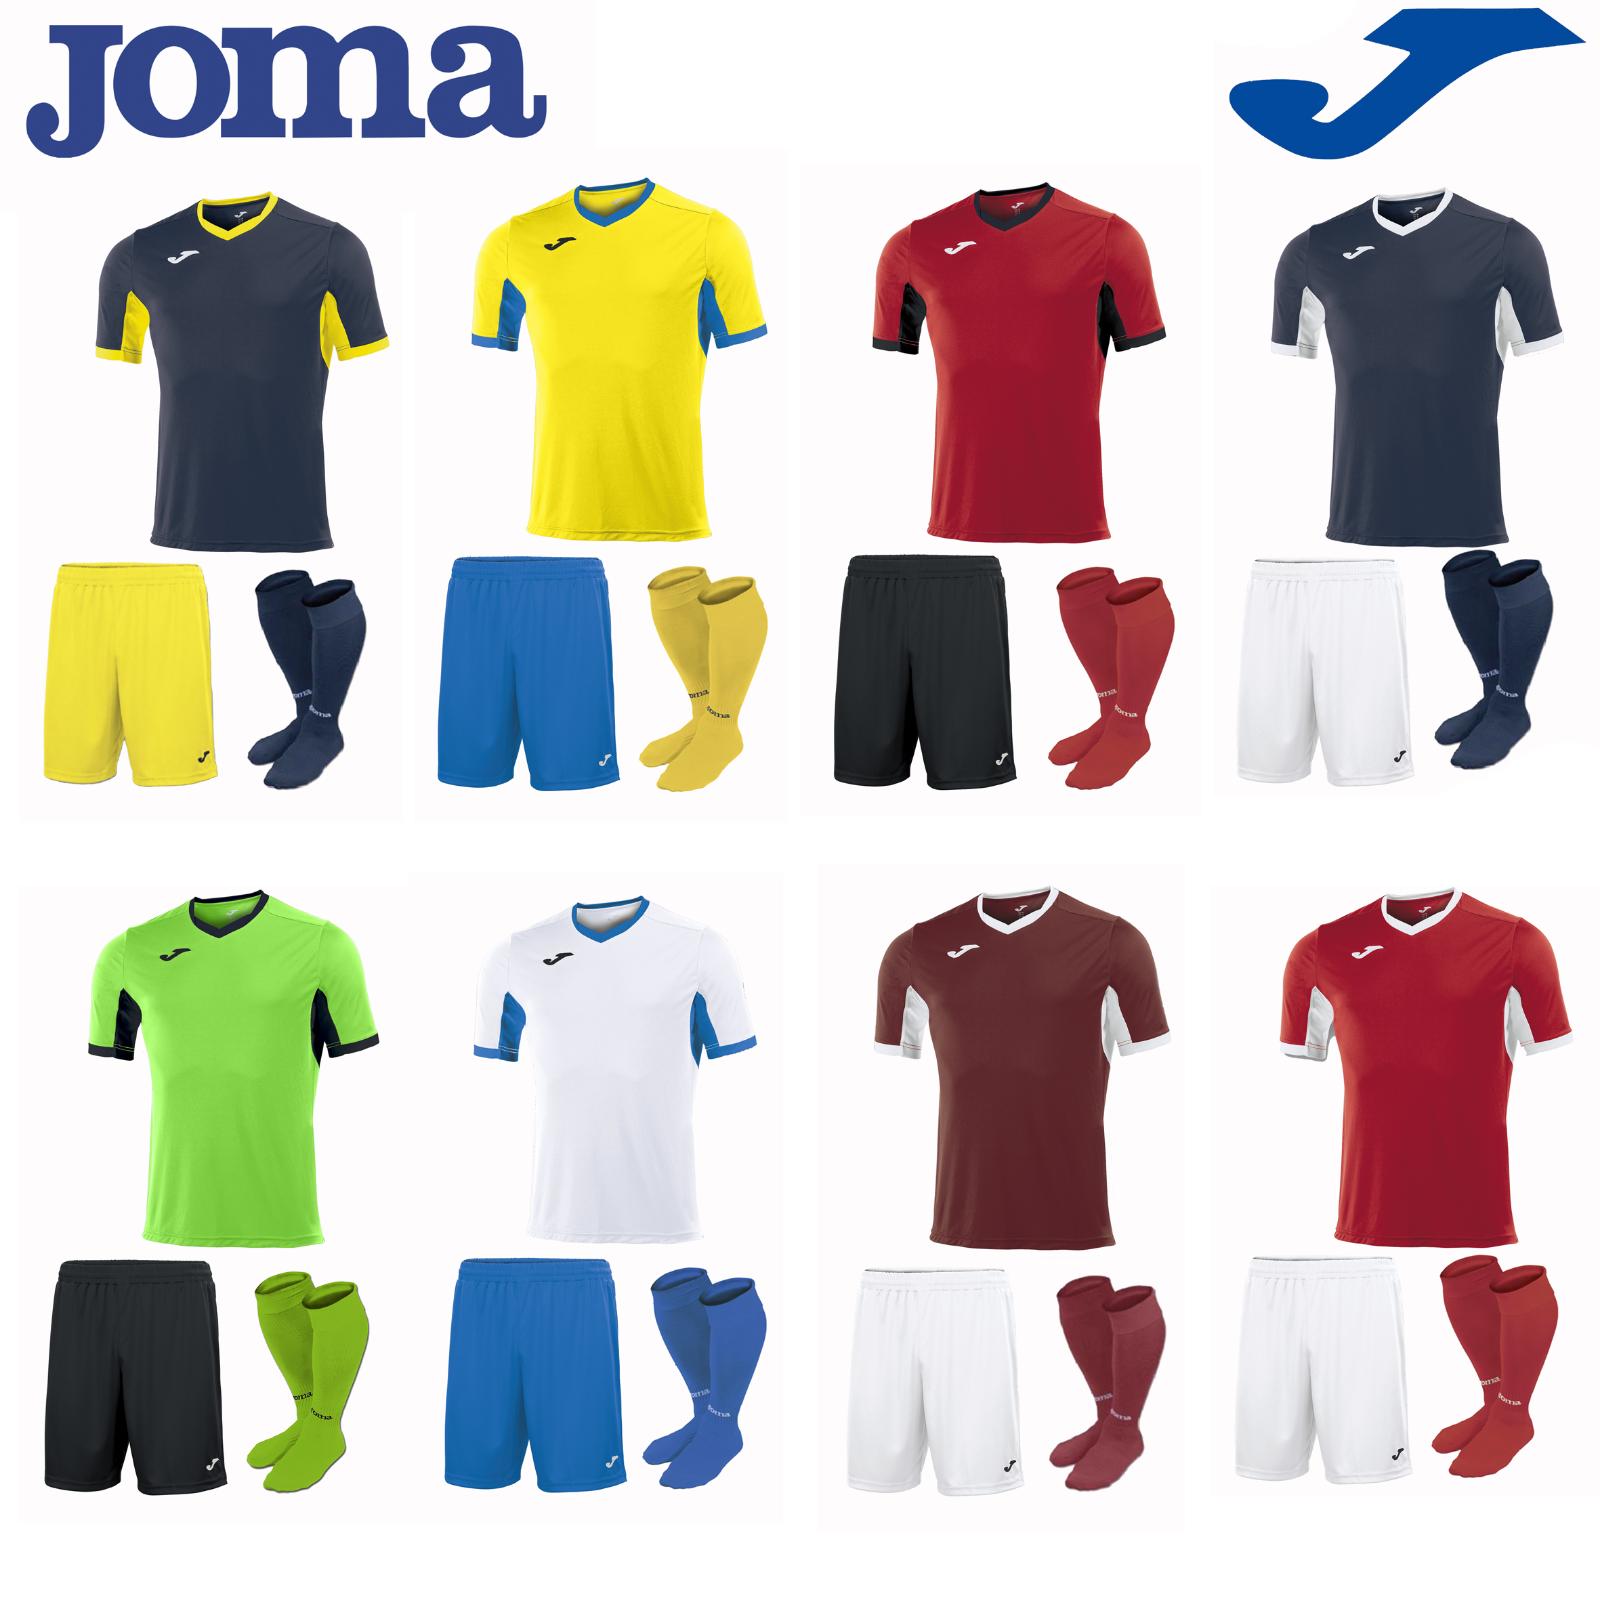 JOMA Completo Calcio Kit del Team Sports Striscia Calze da Uomo Camicie Di Formazione Pantaloncini Top